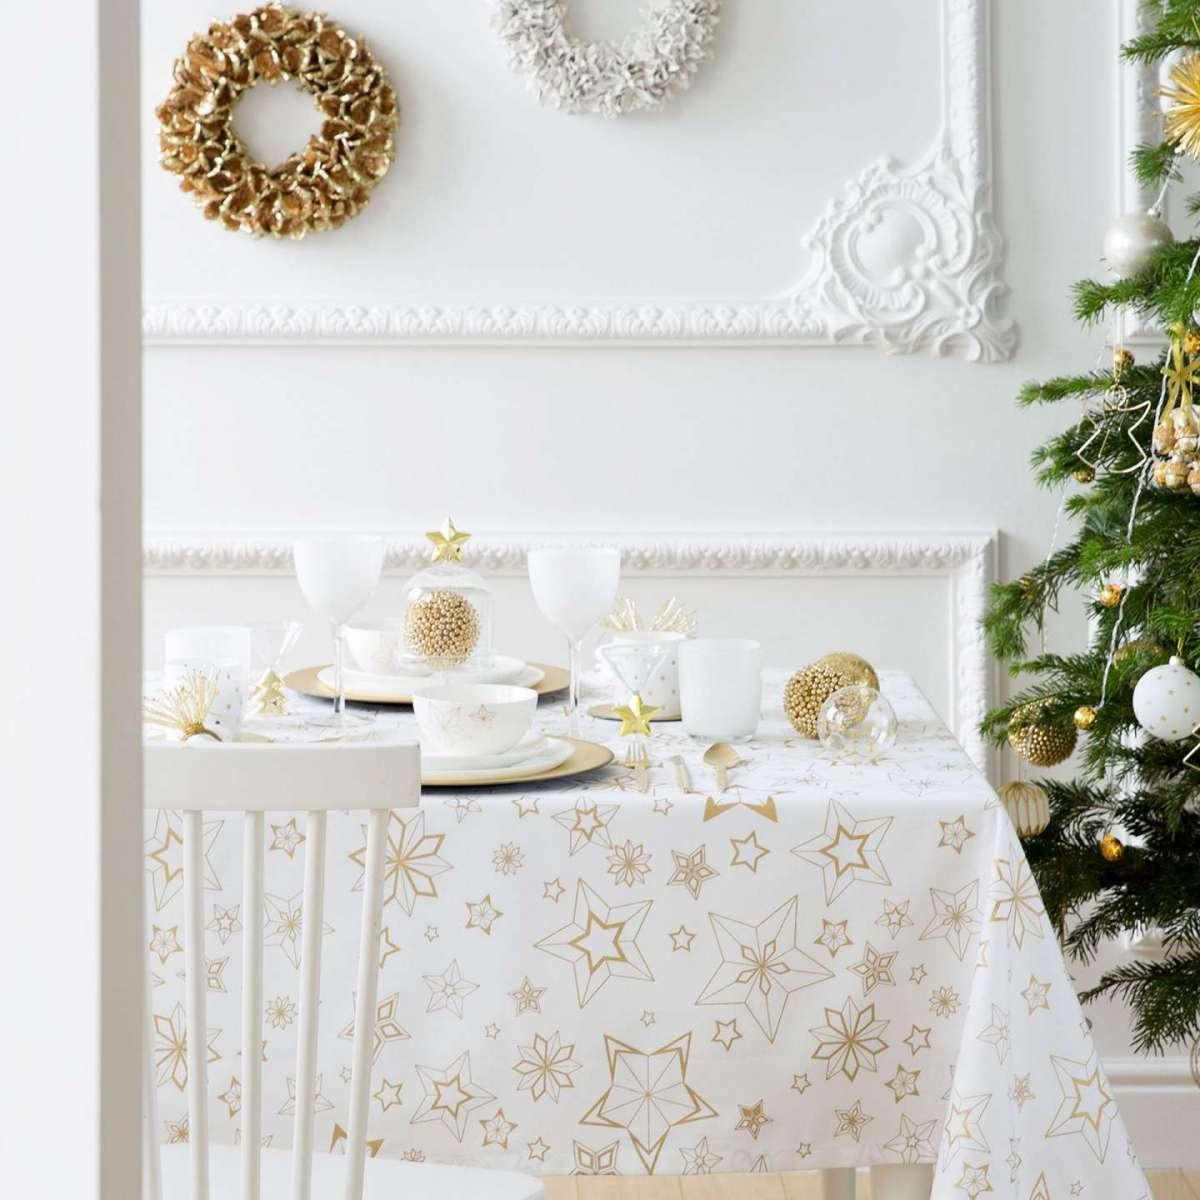 Tovaglia e tovaglioli Zara Home Natale 2016